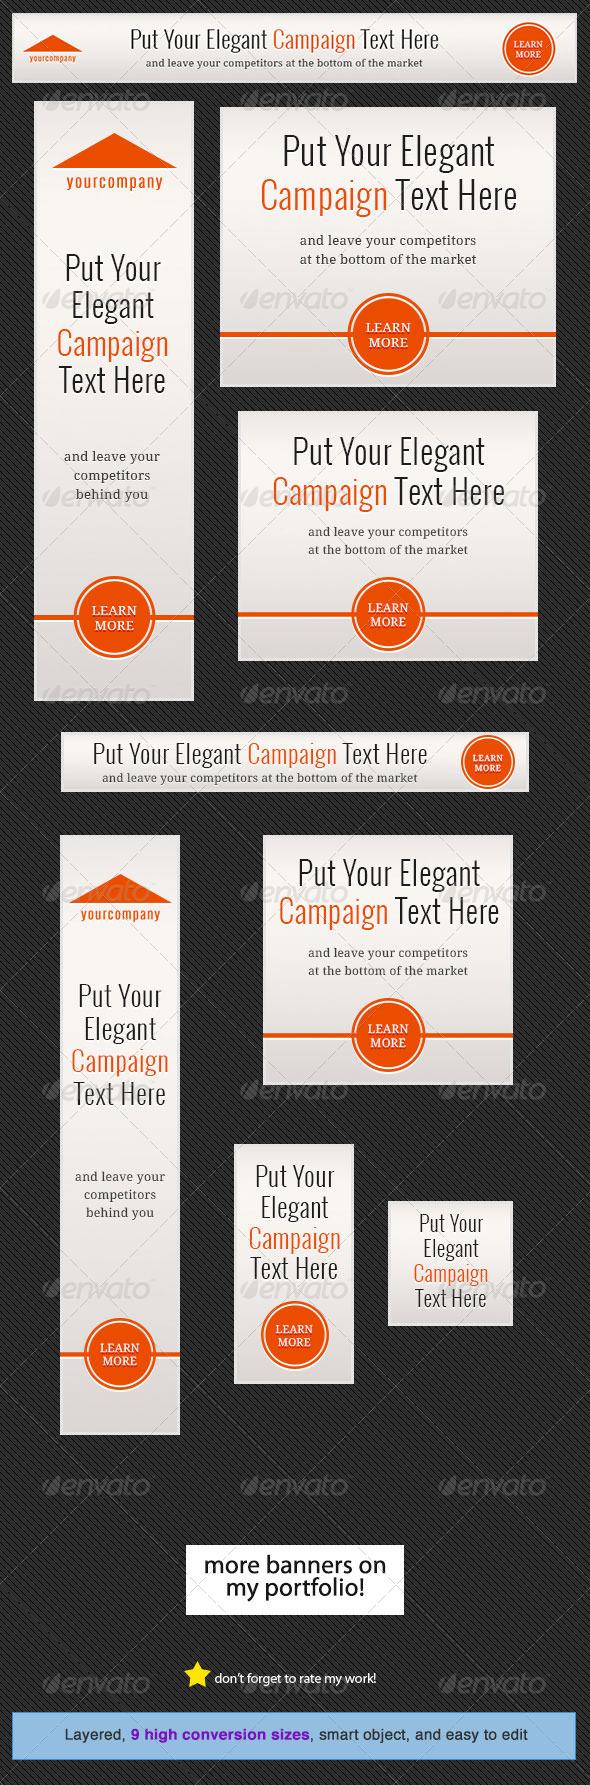 Elegant Web Banner Design